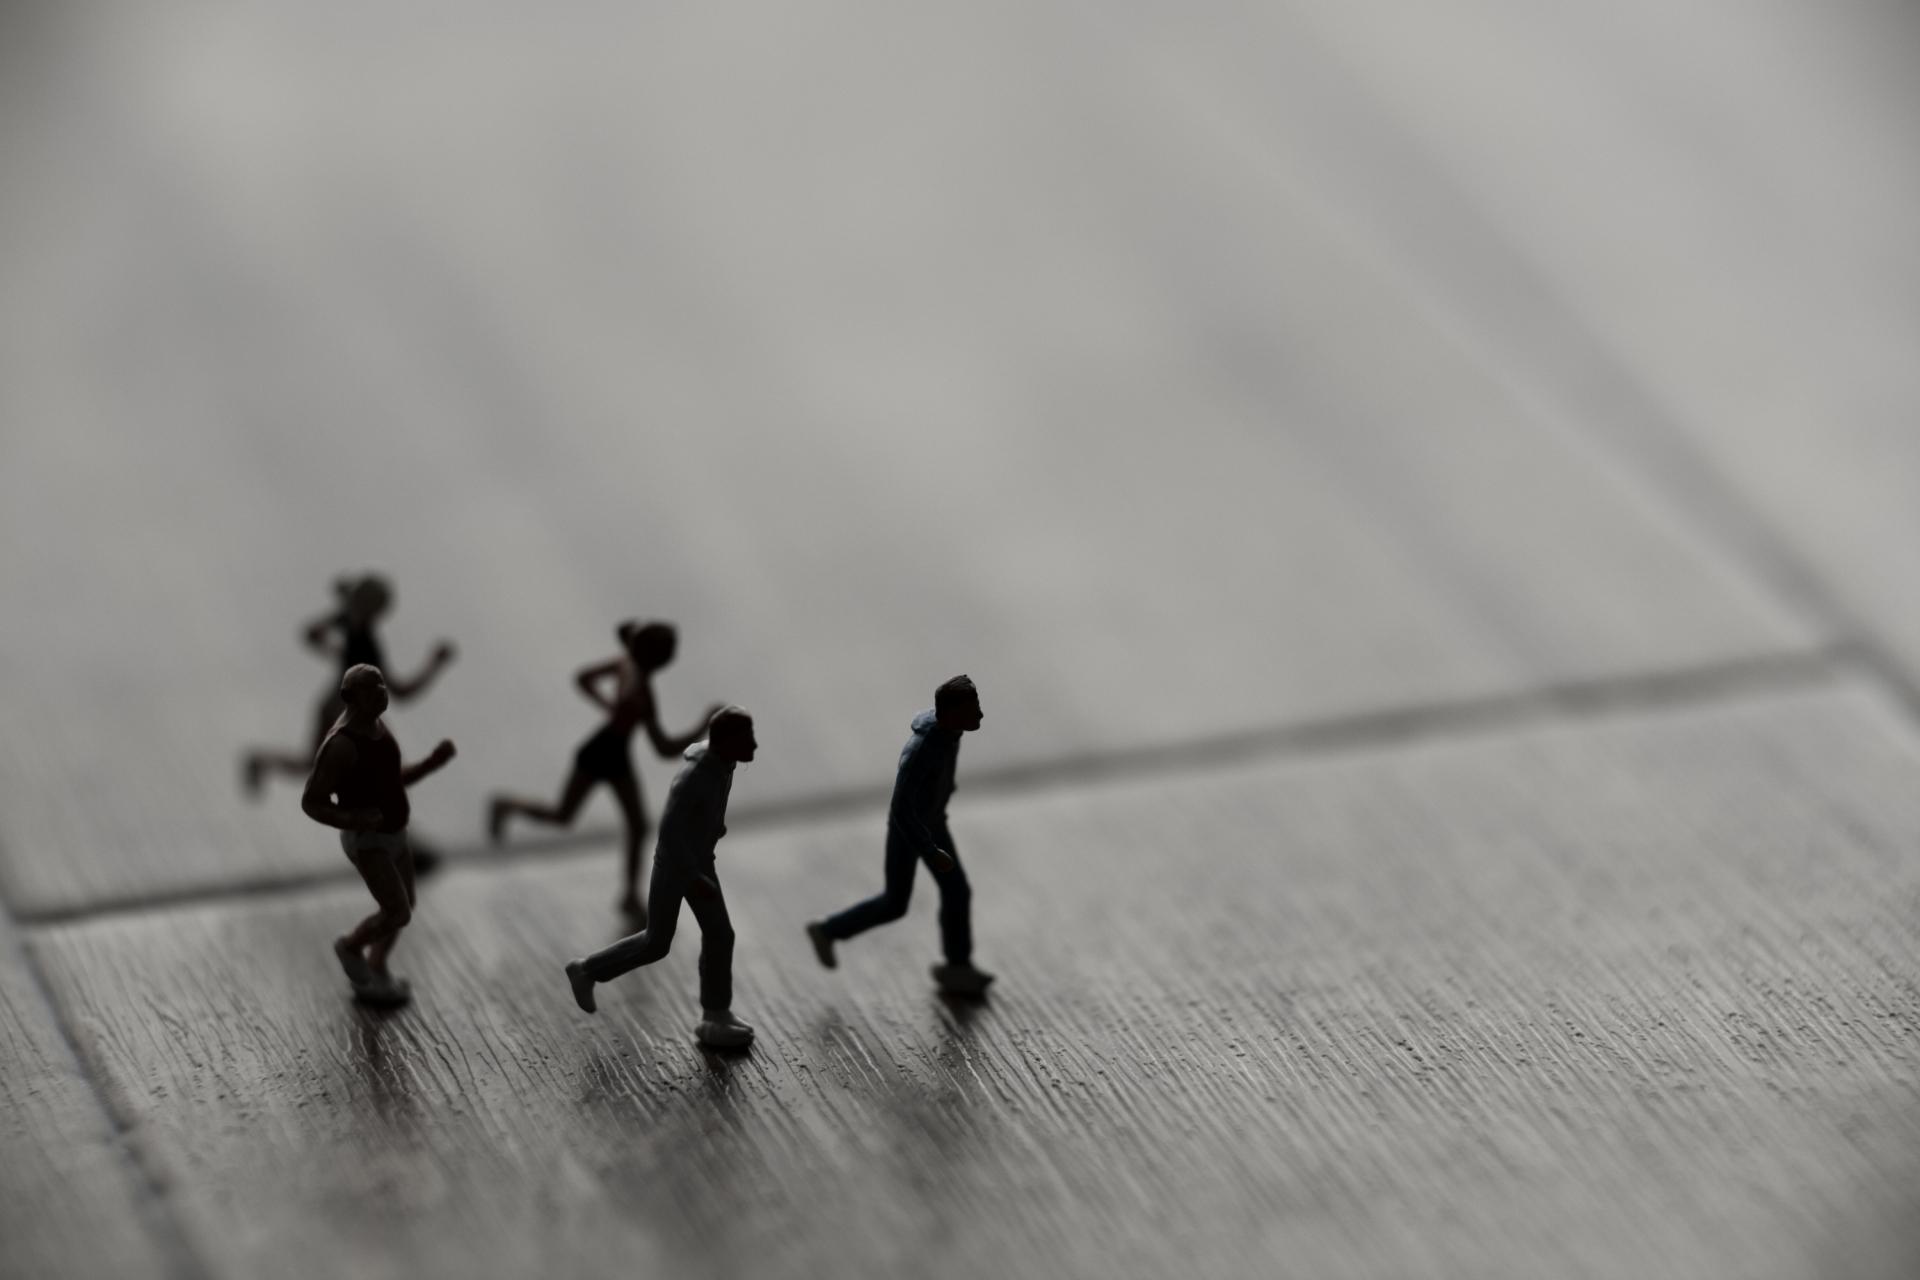 走るミニチュアの人々